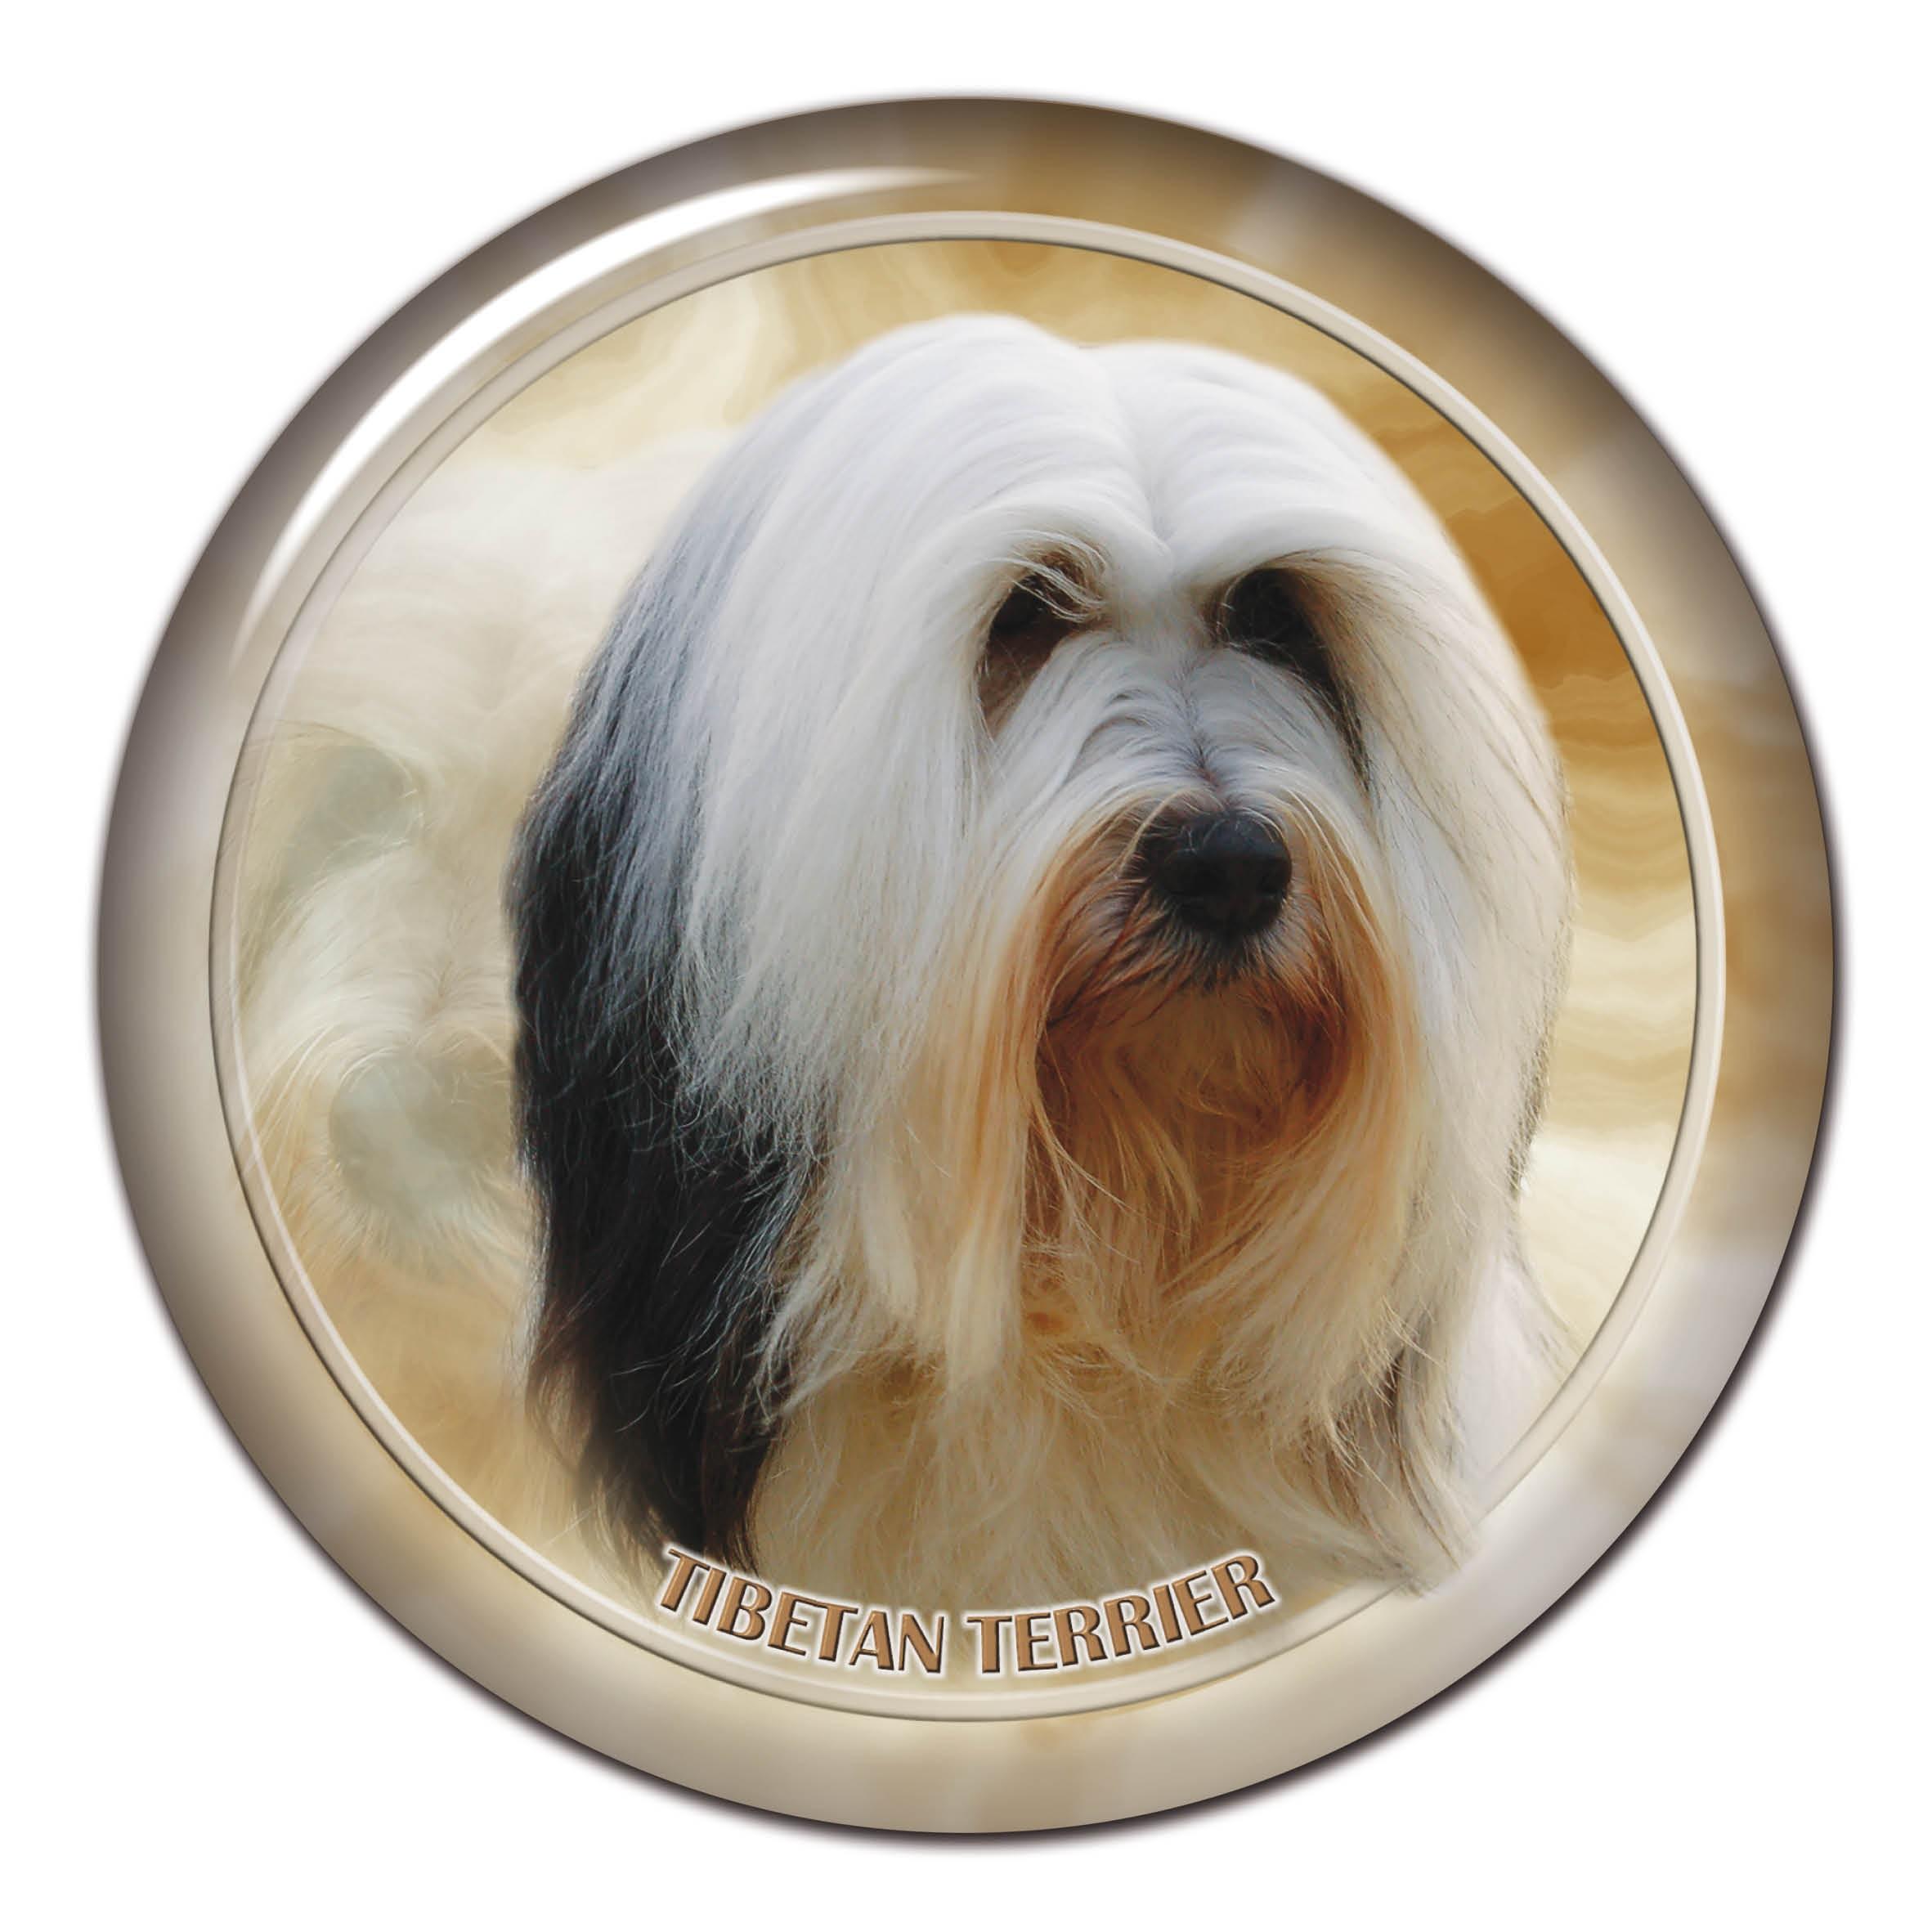 3D sticker Tibet Terrier 101 C from AllDogStickers.com ...